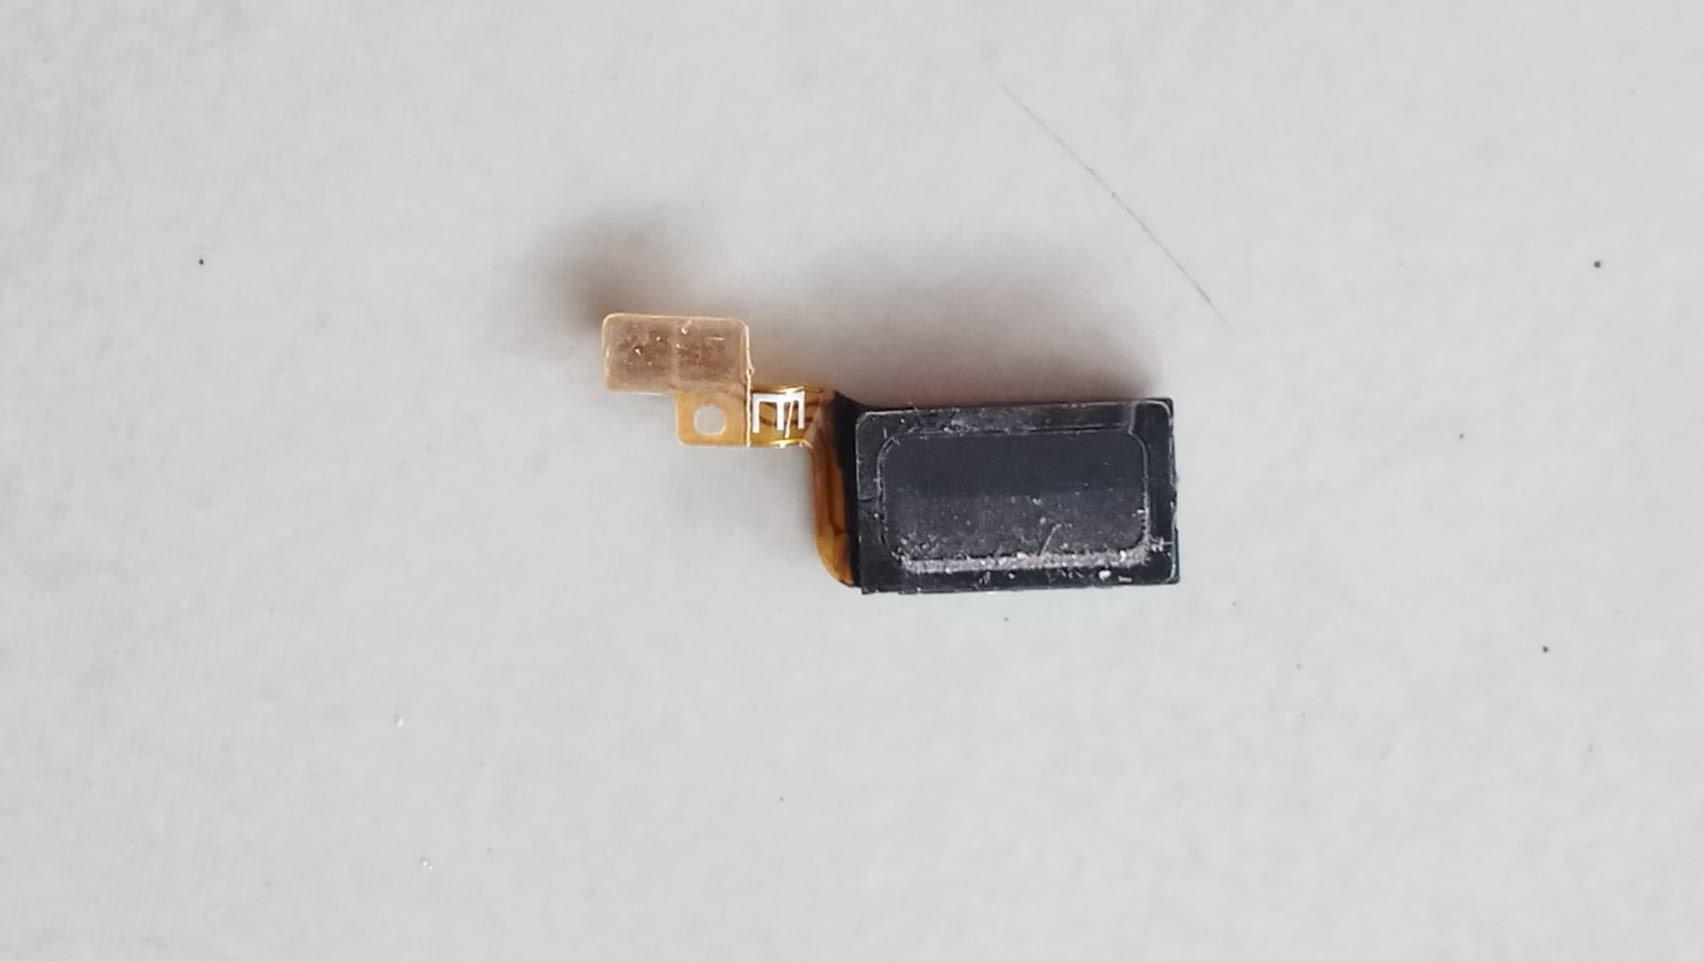 ลำโพงหน้า SAMSUNG J5 / J500G มือสอง